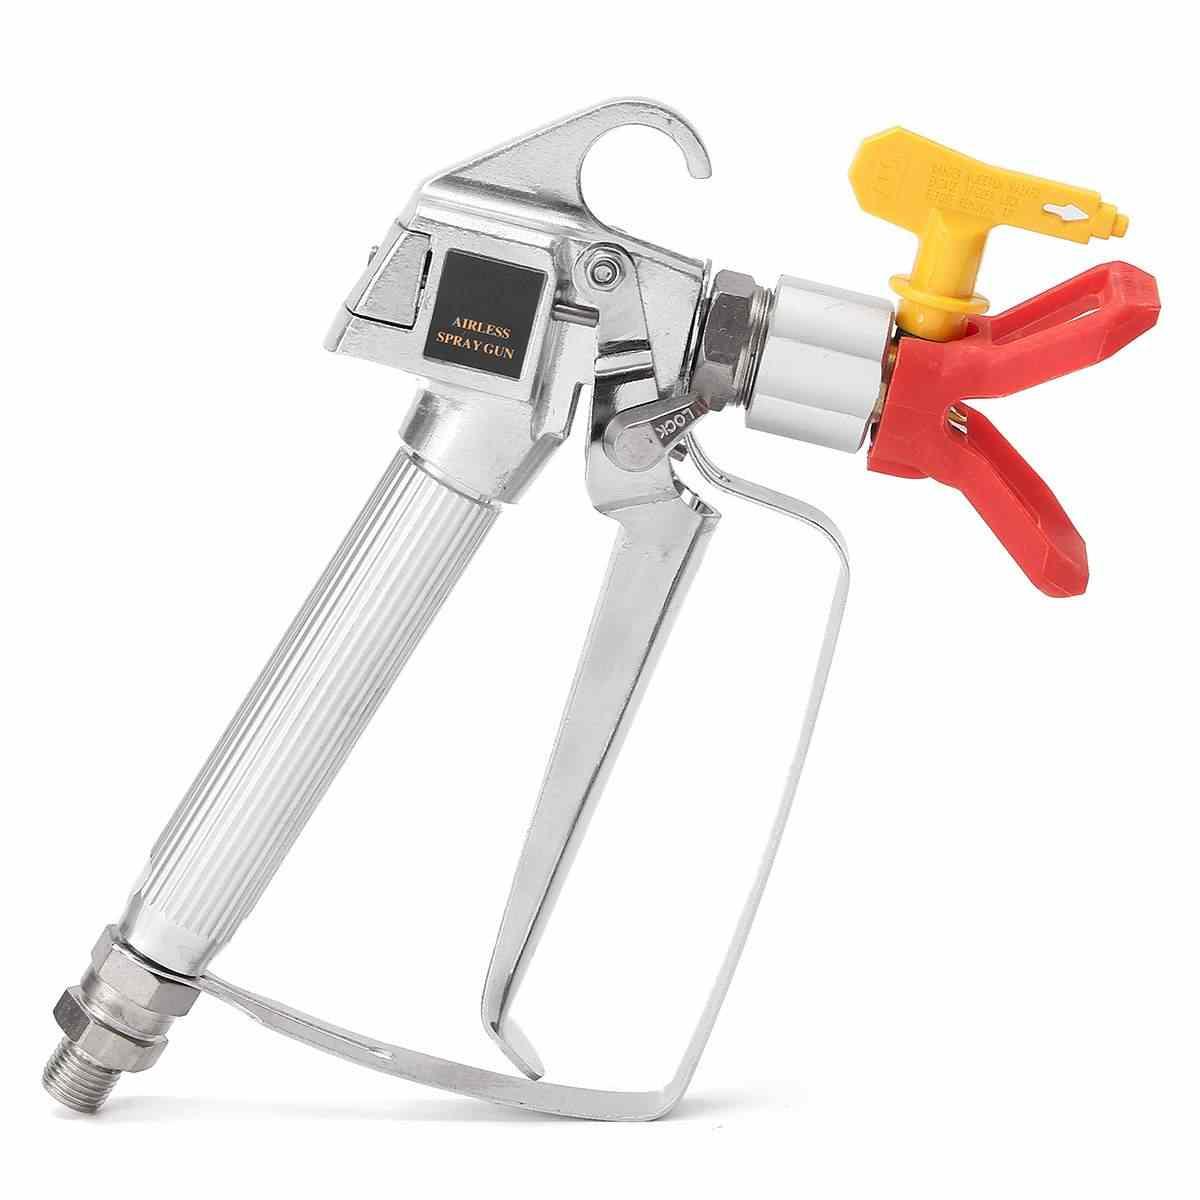 3600PSI Airless Verfspuit G u n Hoge Druk met 517 Gele Spray Tip Nozzle Guard Power Tool Spuitmachine